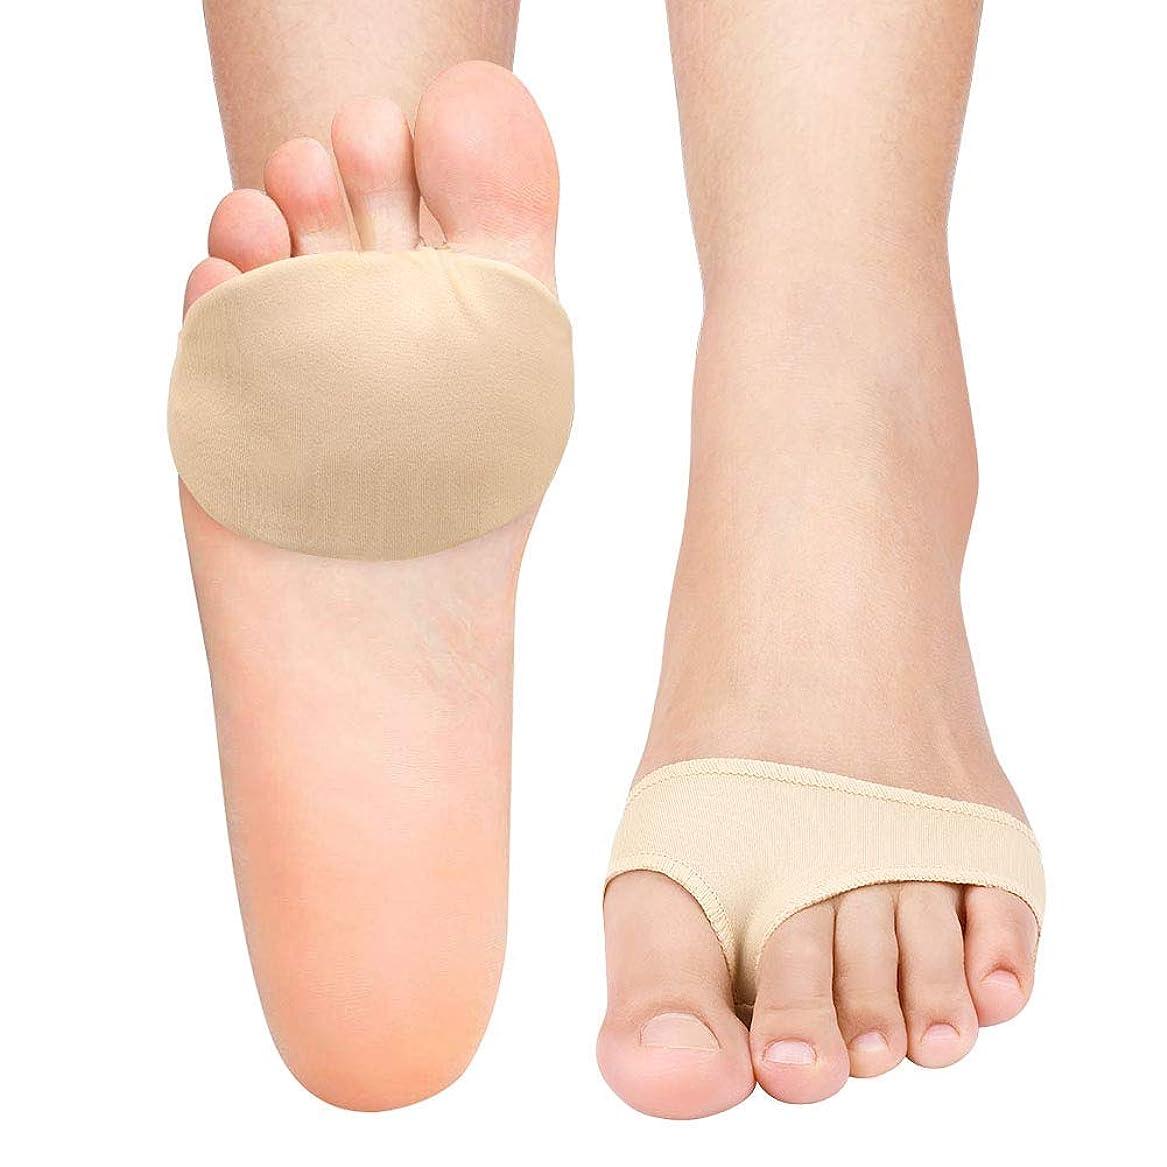 対処魅力的であることへのアピール然としたYosoo 足裏保護パッド 足裏 保護 サポーター 前ズレ防止 つま先の痛み緩和 柔らかい つま先ジェルクッション シリコン フリーサイズ 2個入り